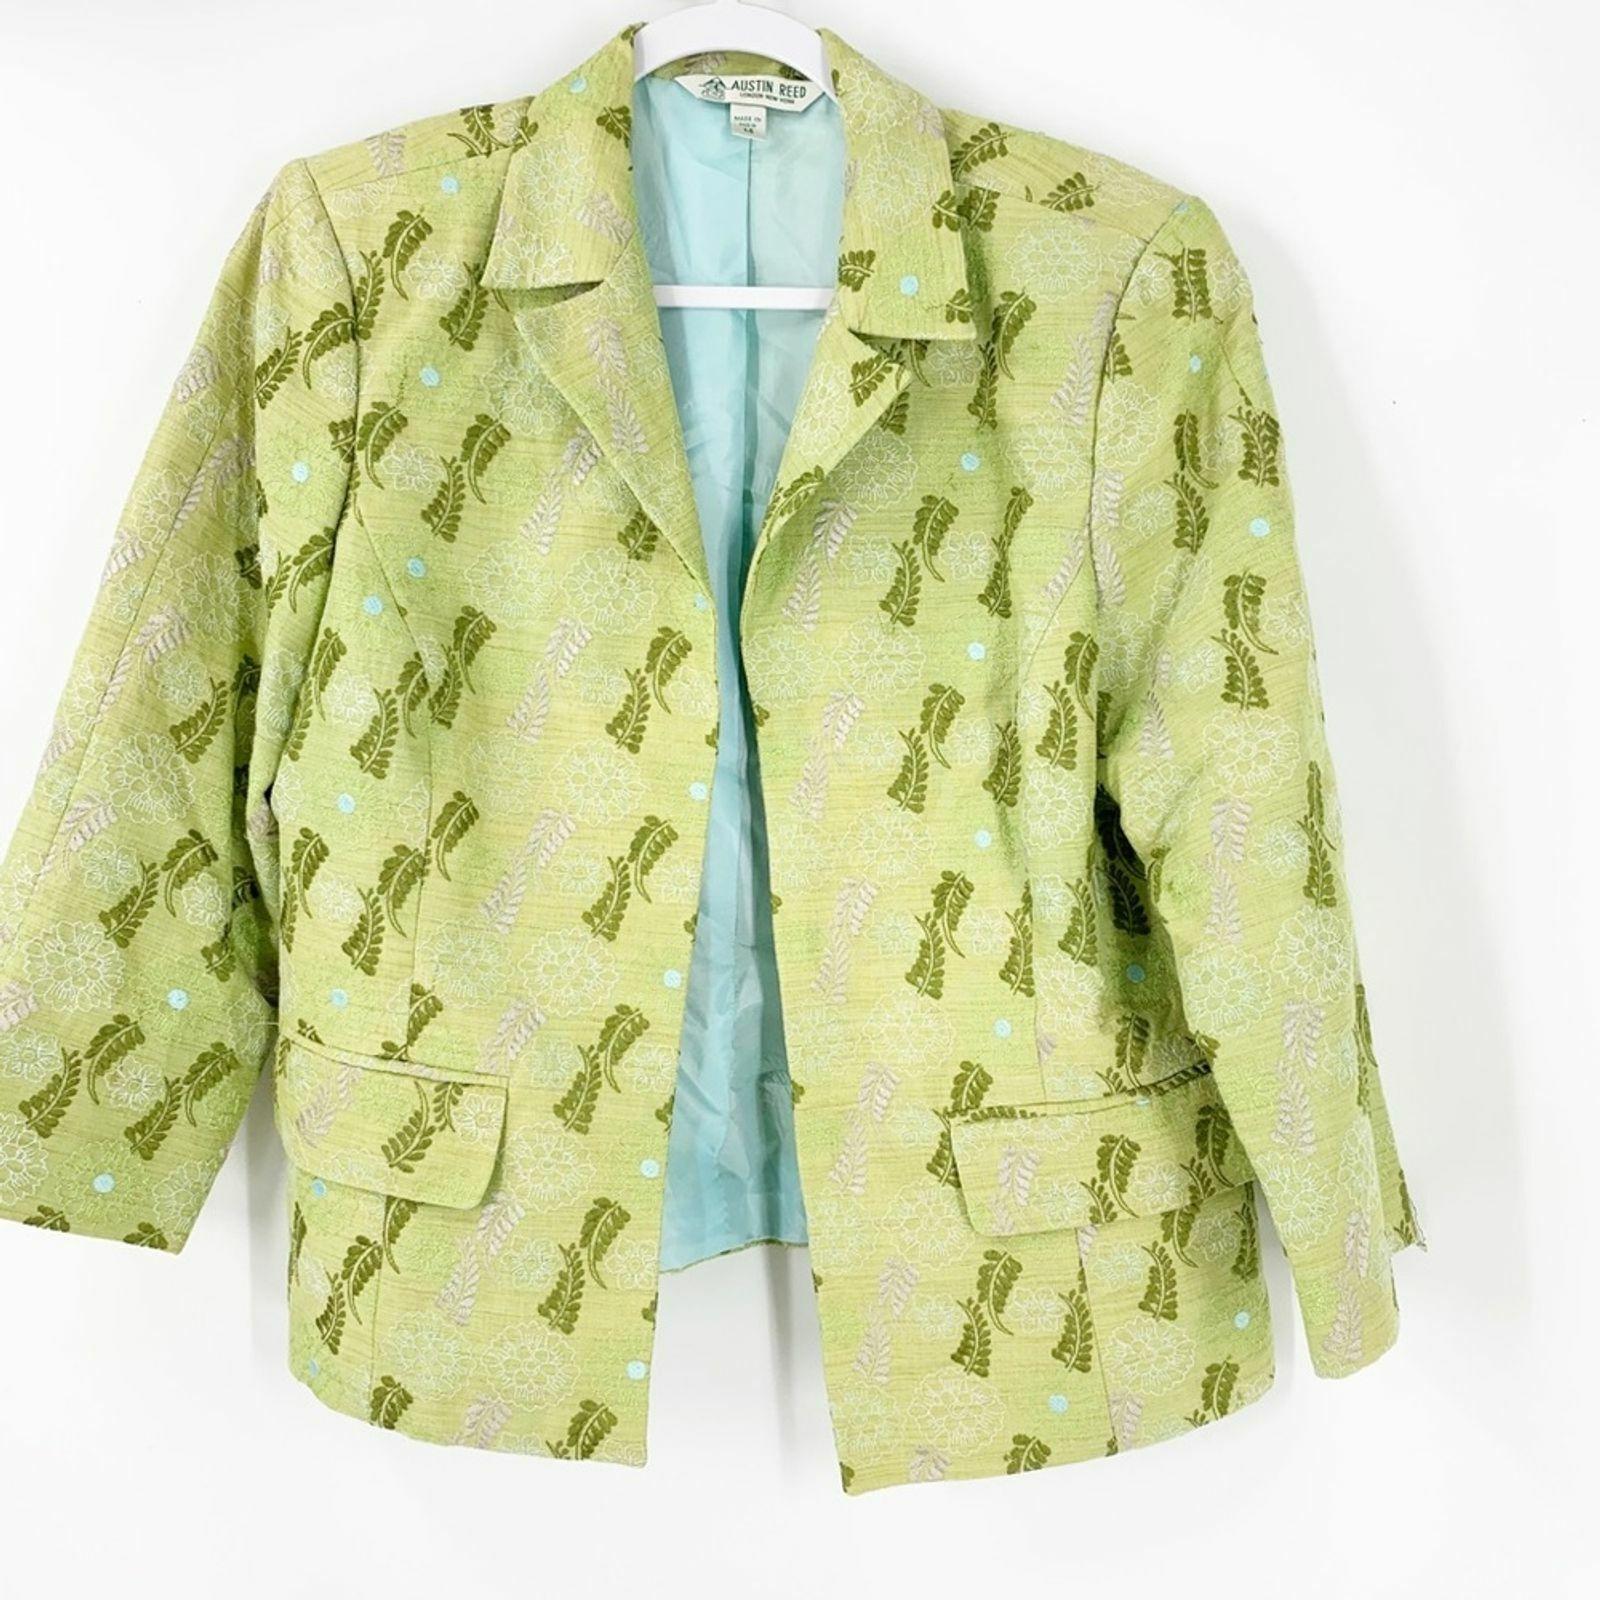 Kupit Vintage Austin Reed Green Floral Embroidered Blazer 14 Na Aukcion Iz Ameriki S Dostavkoj V Rossiyu Ukrainu Kazahstan